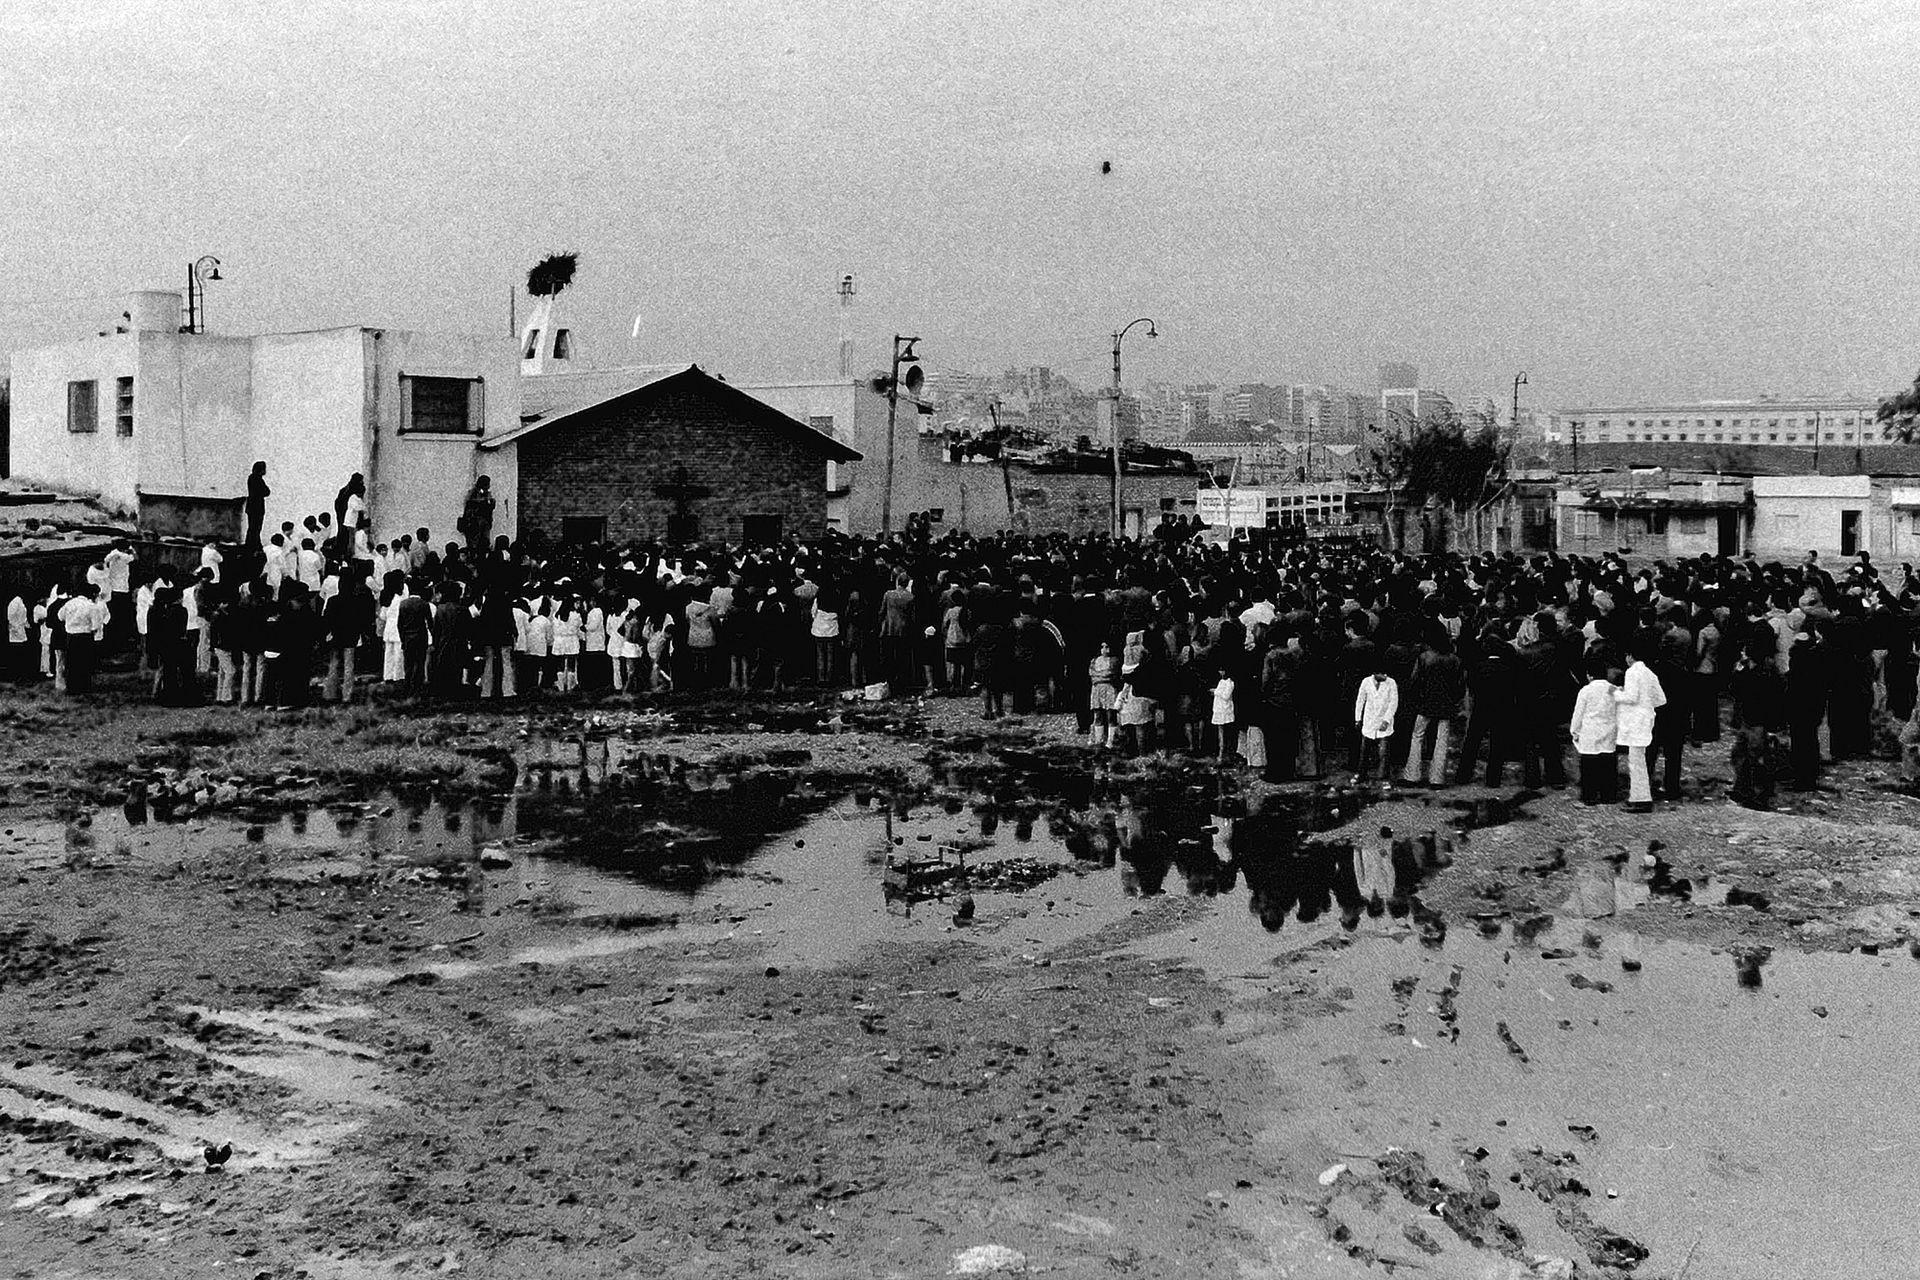 La parroquia Cristo Obrero, en la despedida del Carlos Mugica el 12 de mayo de 1974